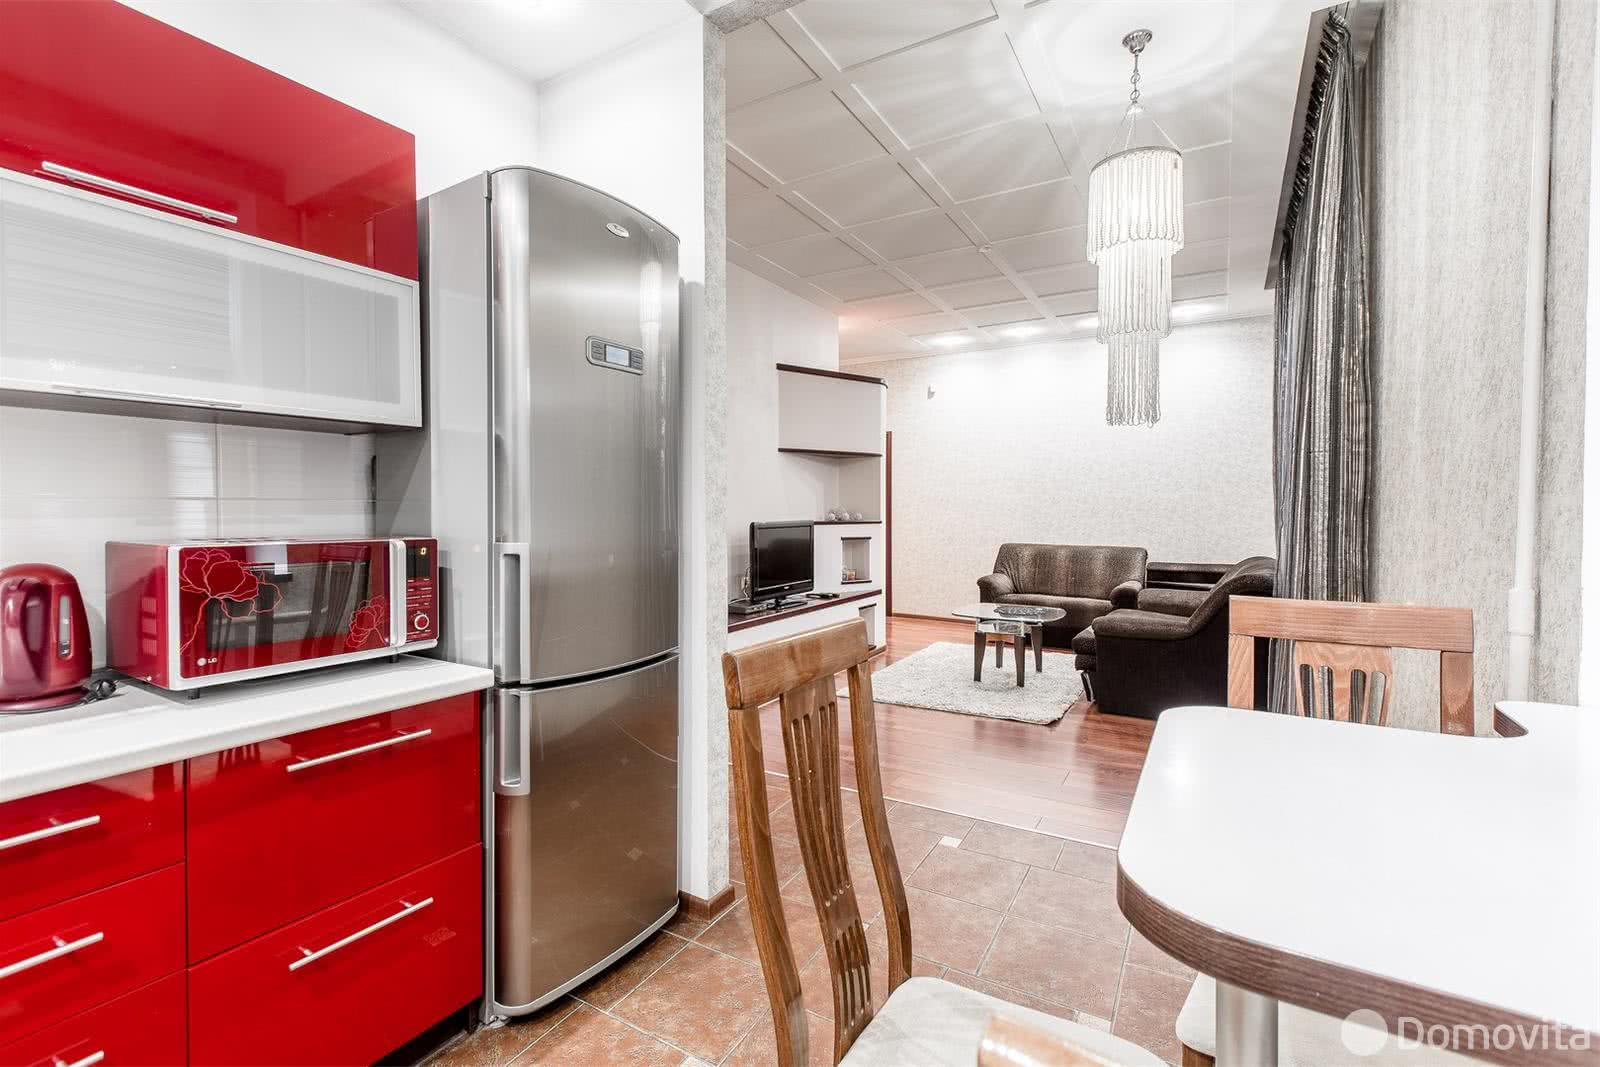 Аренда 2-комнатной квартиры на сутки в Минске ул. Свердлова, д. 19 - фото 4